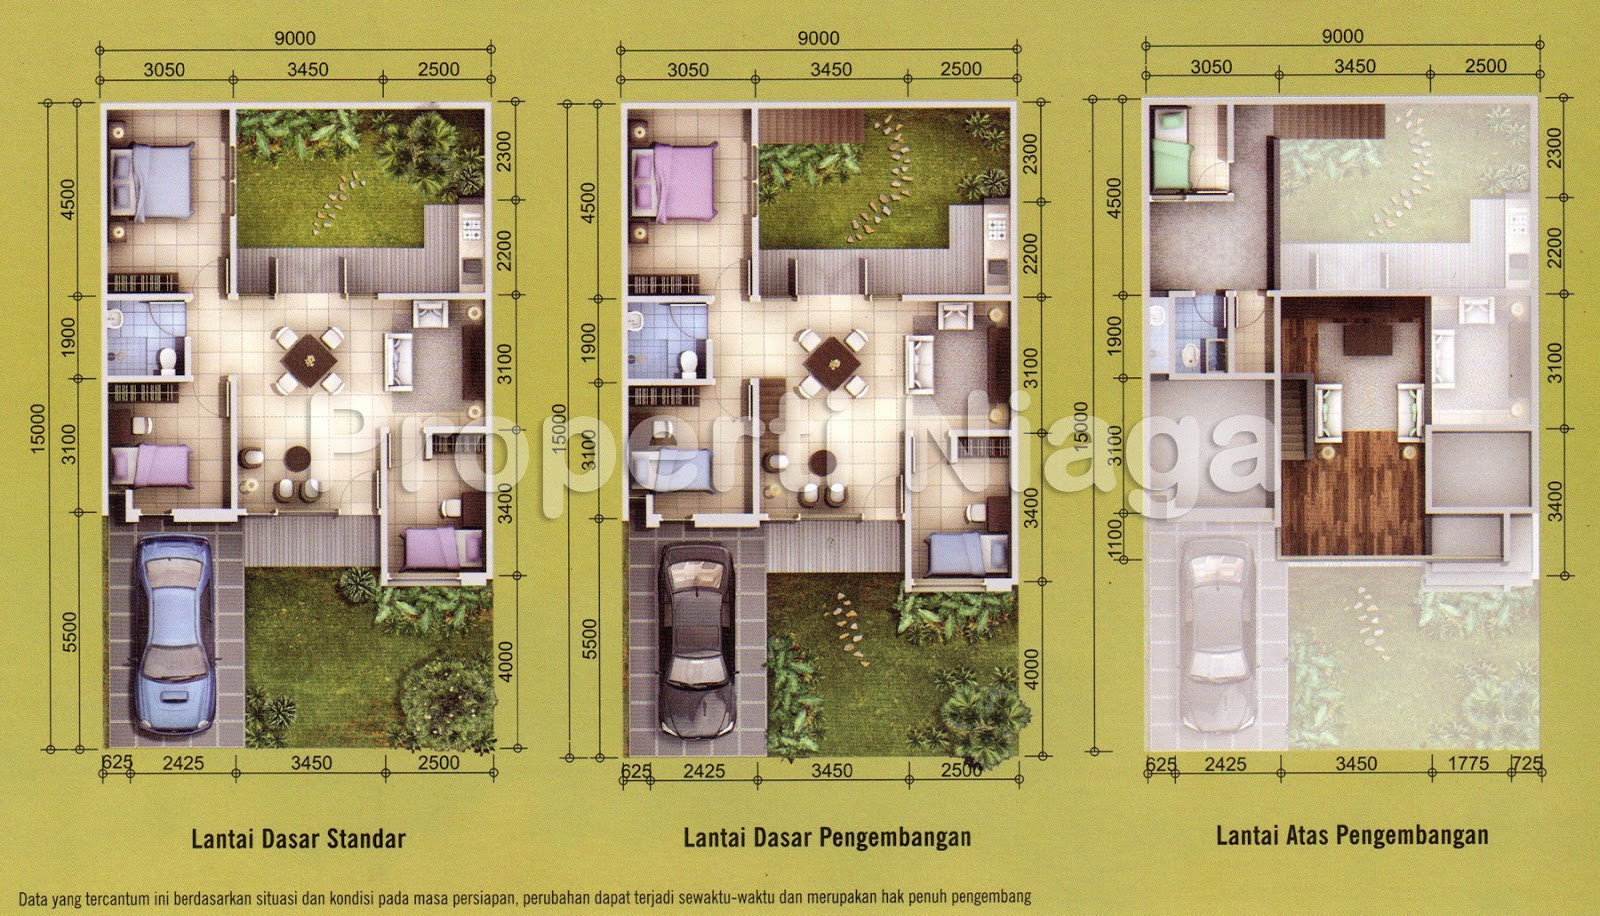 Rumah Dijual Di Emerald Townhouse Bintaro - Ceria Bulat m